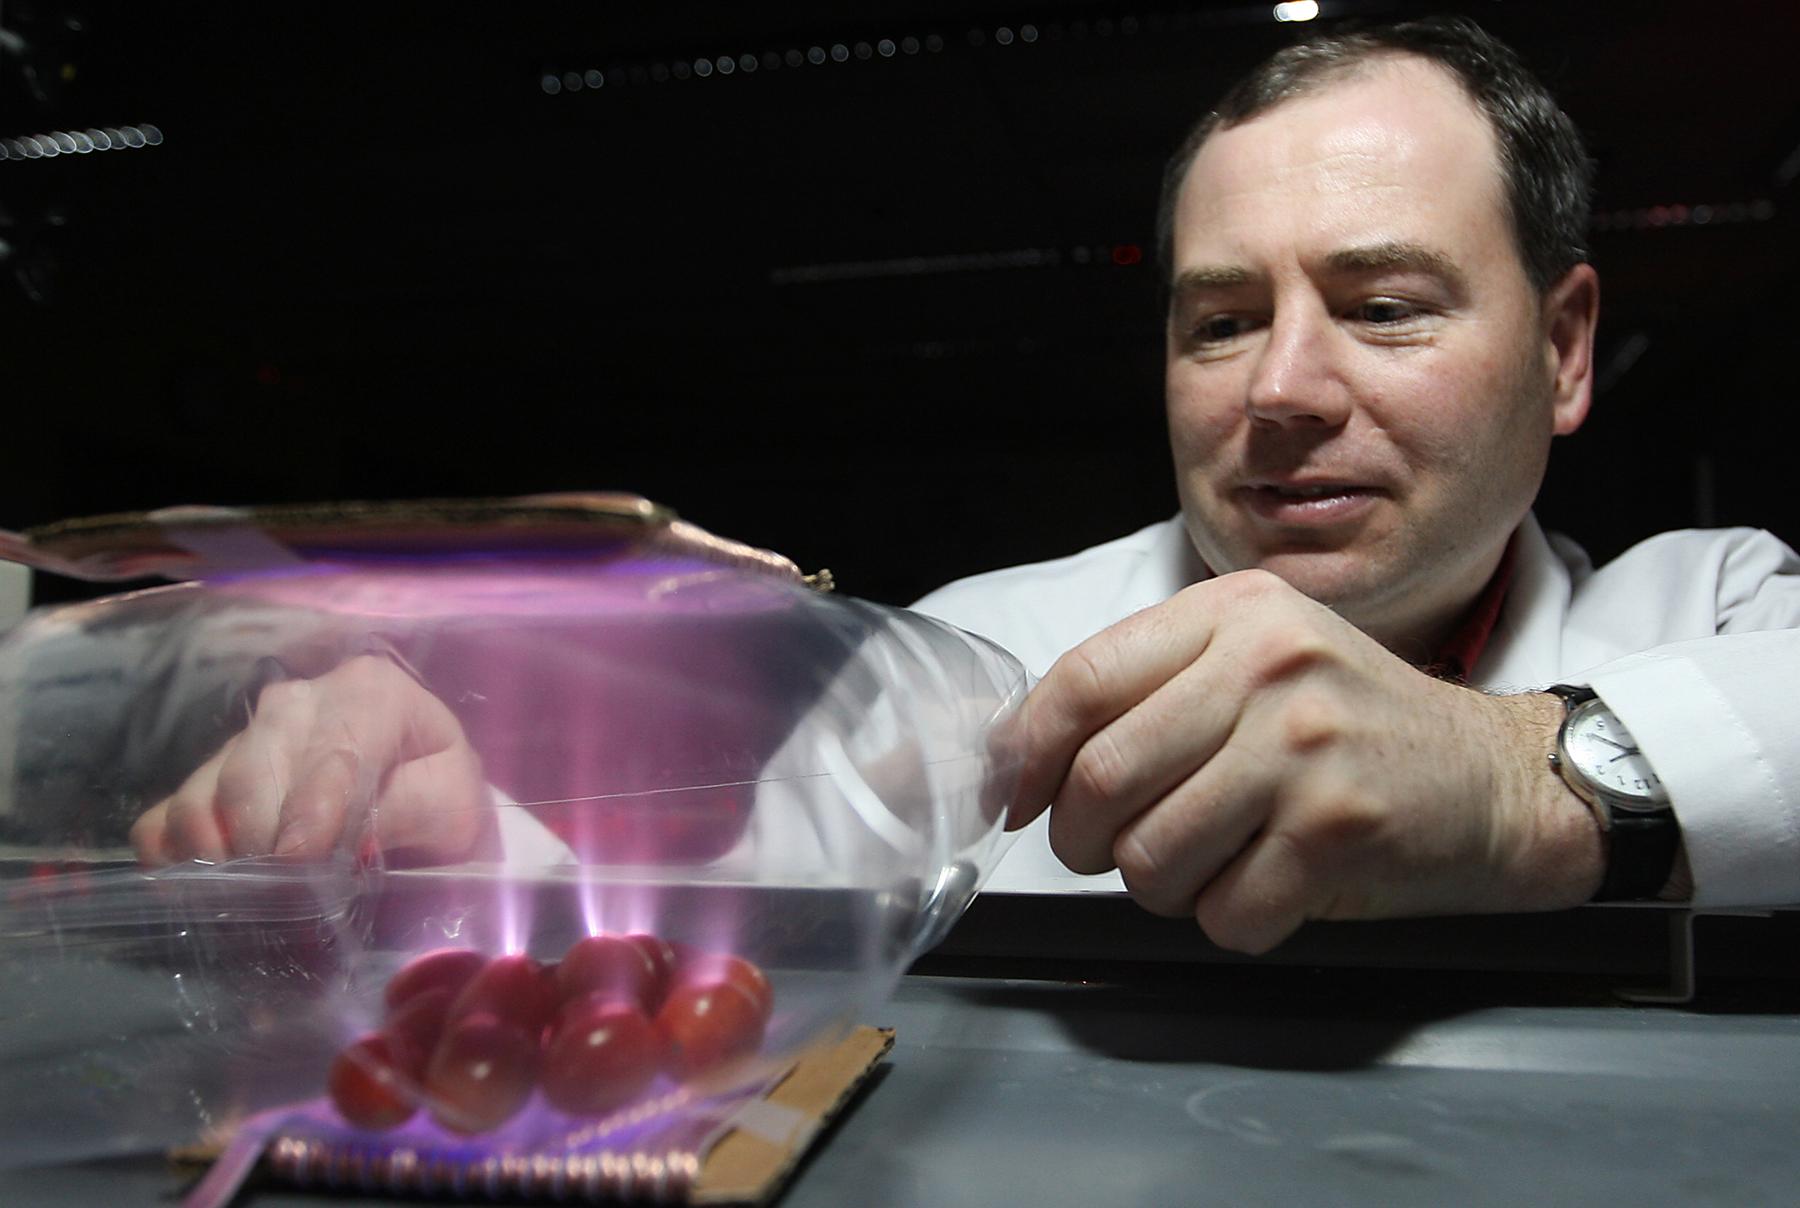 Kevin Keener sterilizuje chladnou plazmou. Kredit: Purdue University, Tom Campbell.